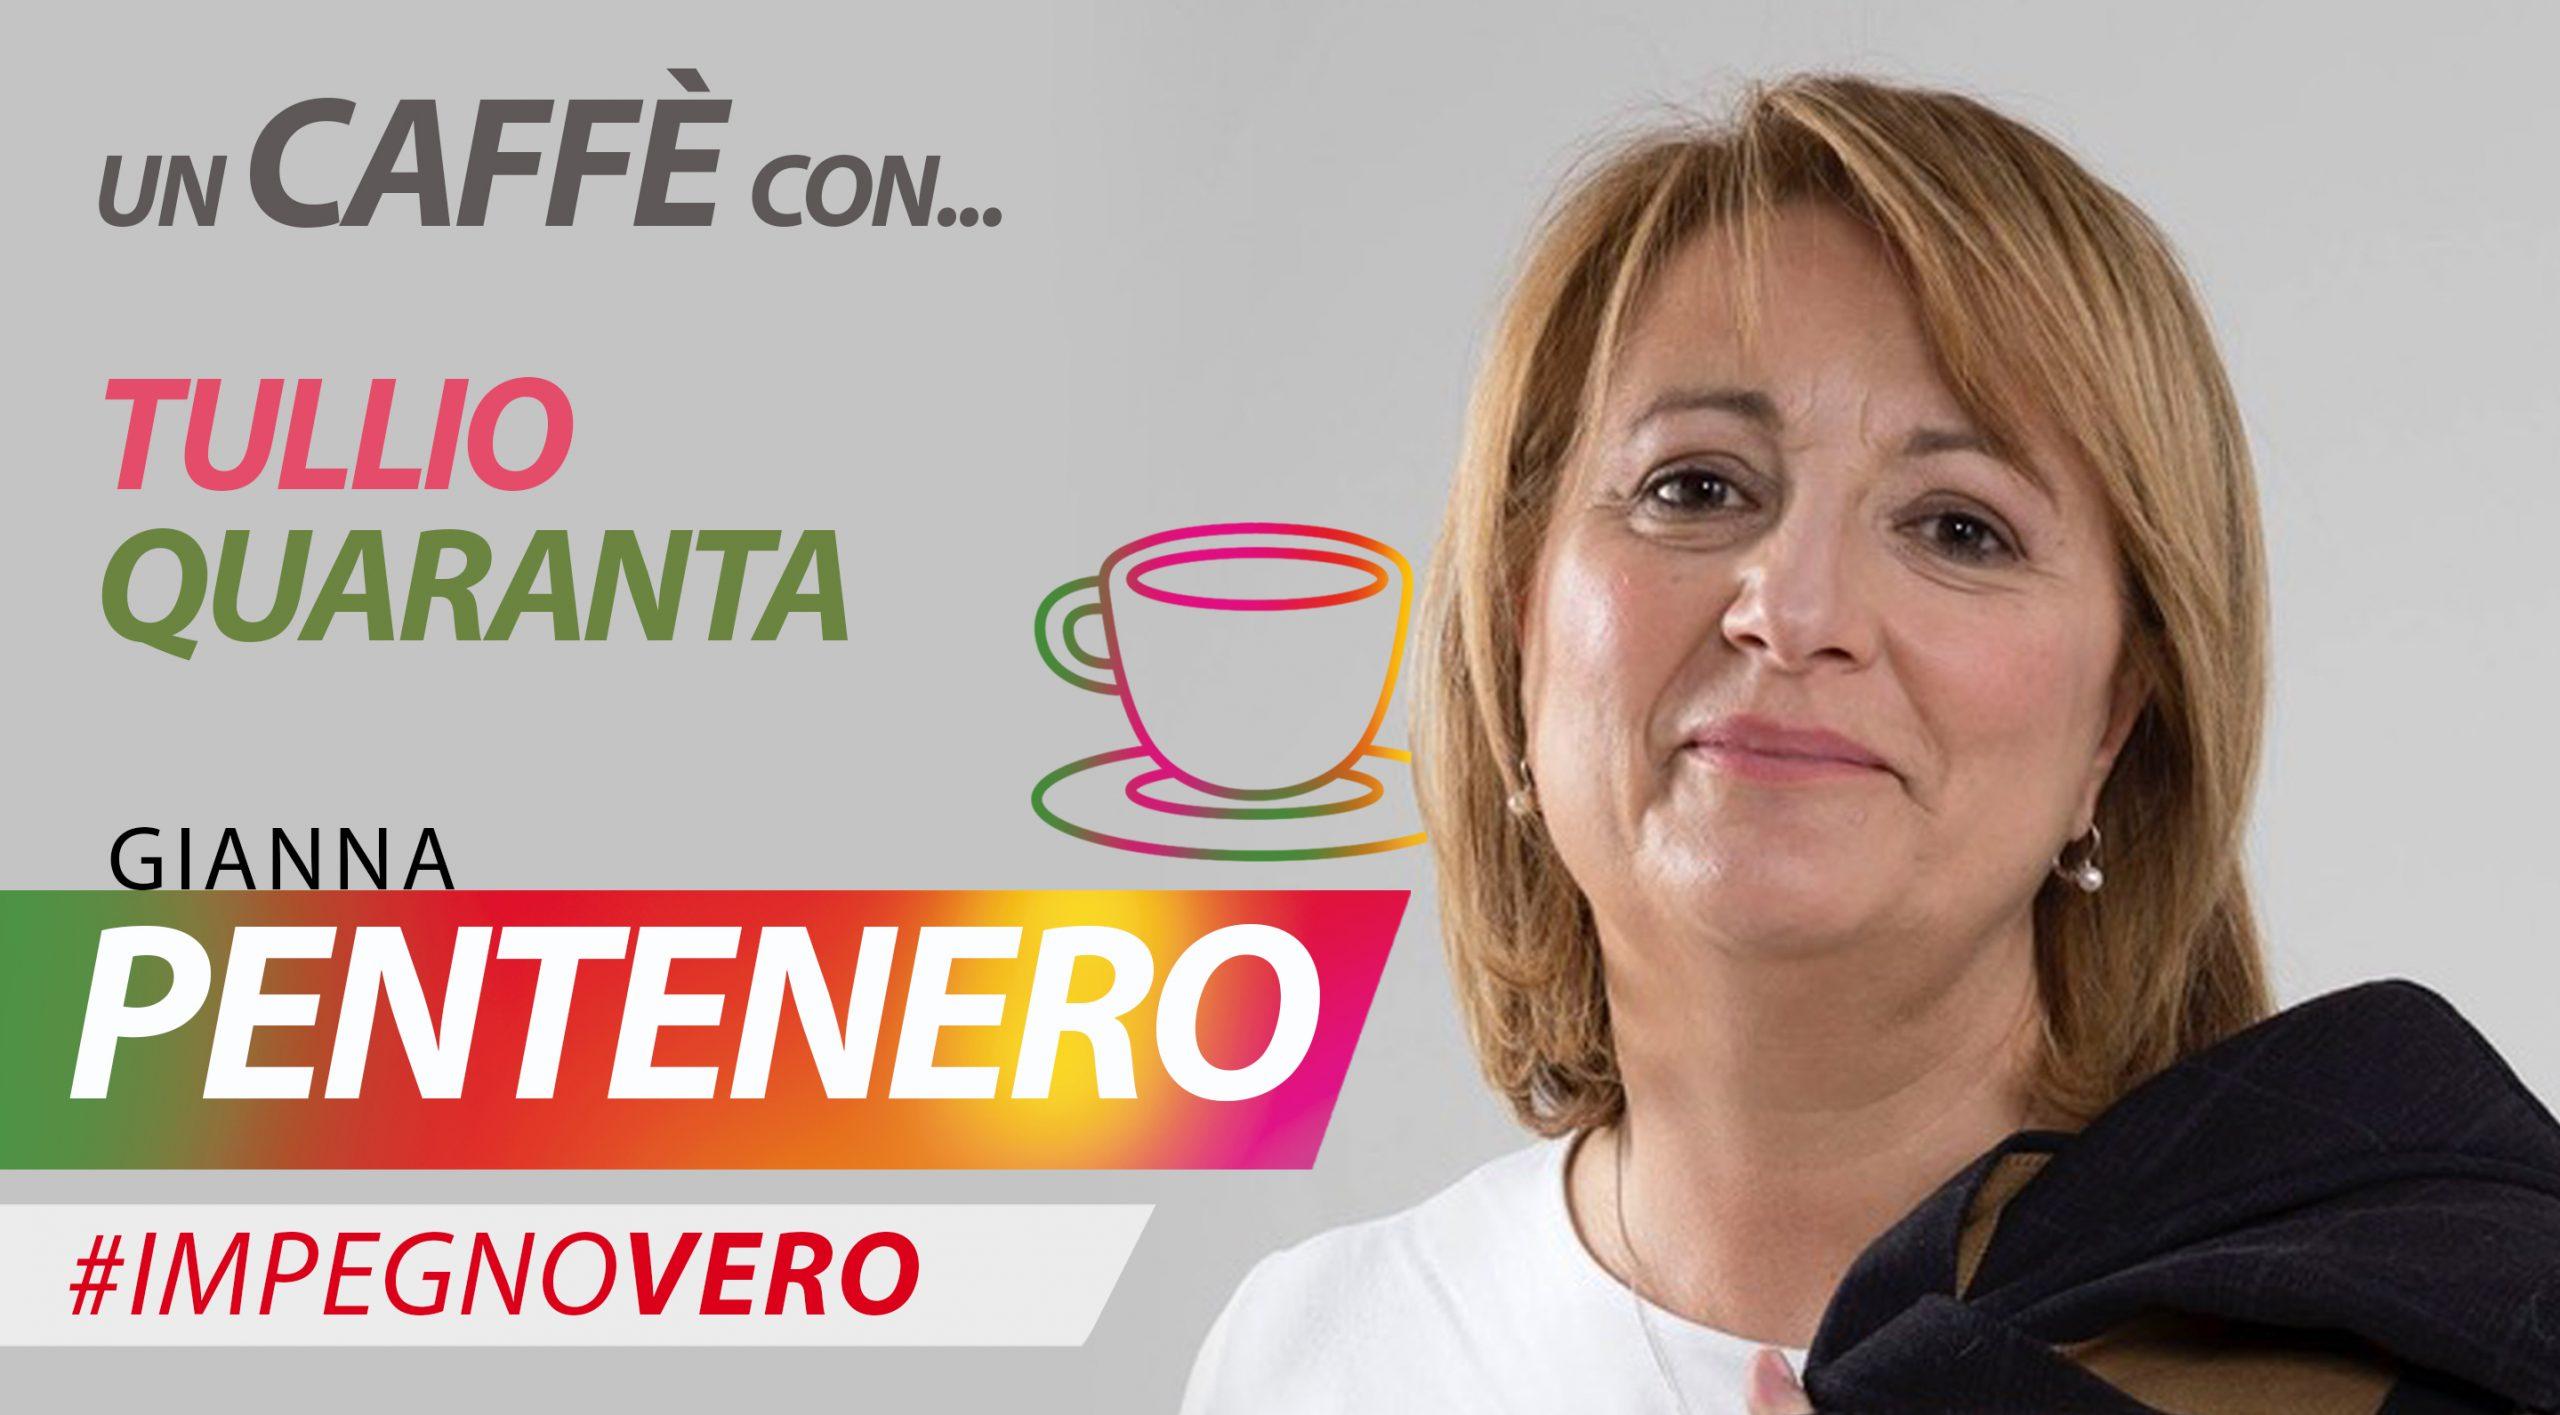 pentenero_caffè_quaranta 2